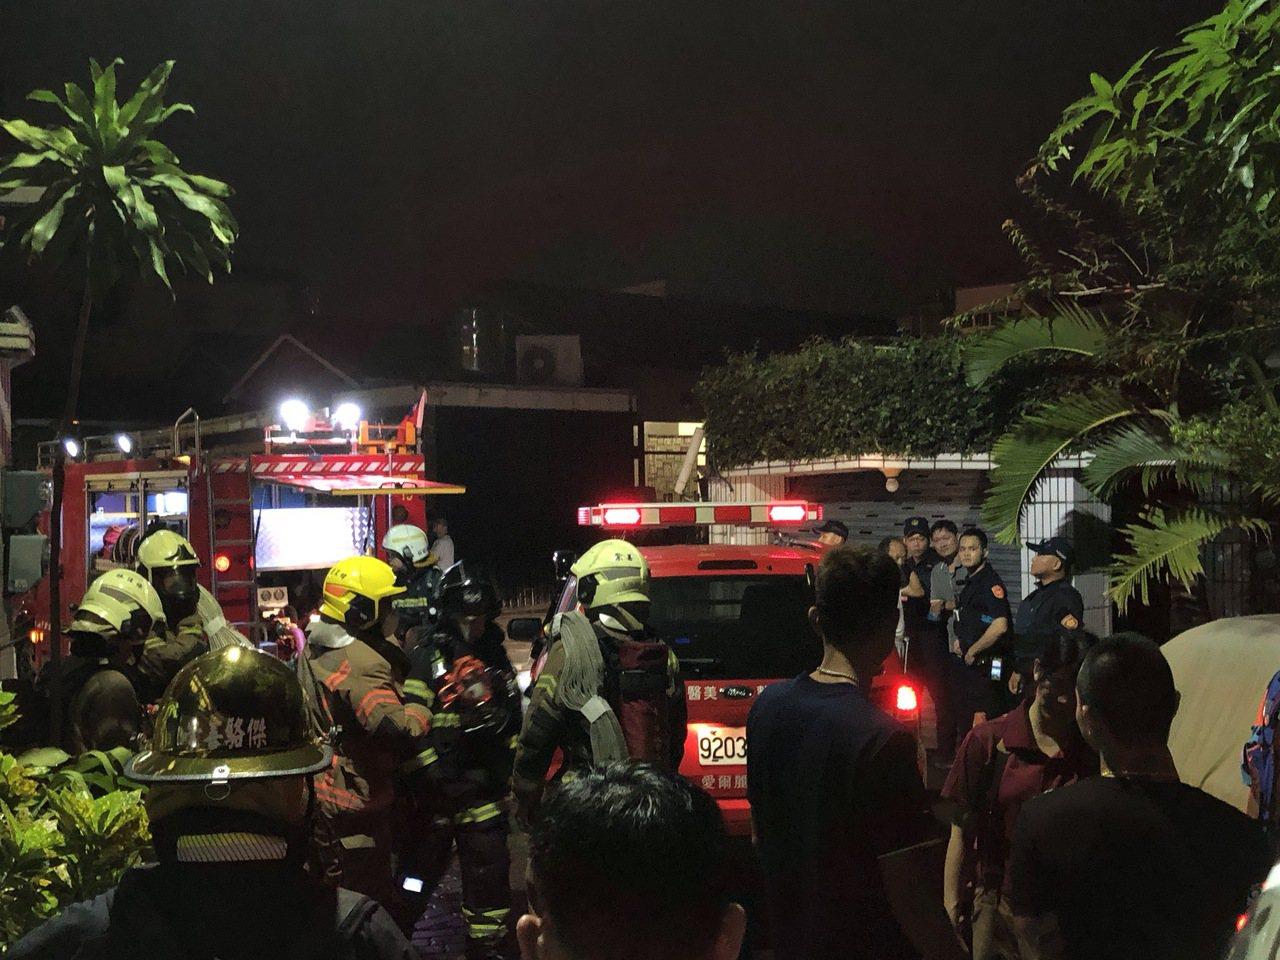 屋主一家人發現火勢,迅速疏散到屋外,街坊鄰居紛紛跑出門外一探究竟,員警等也到場關...